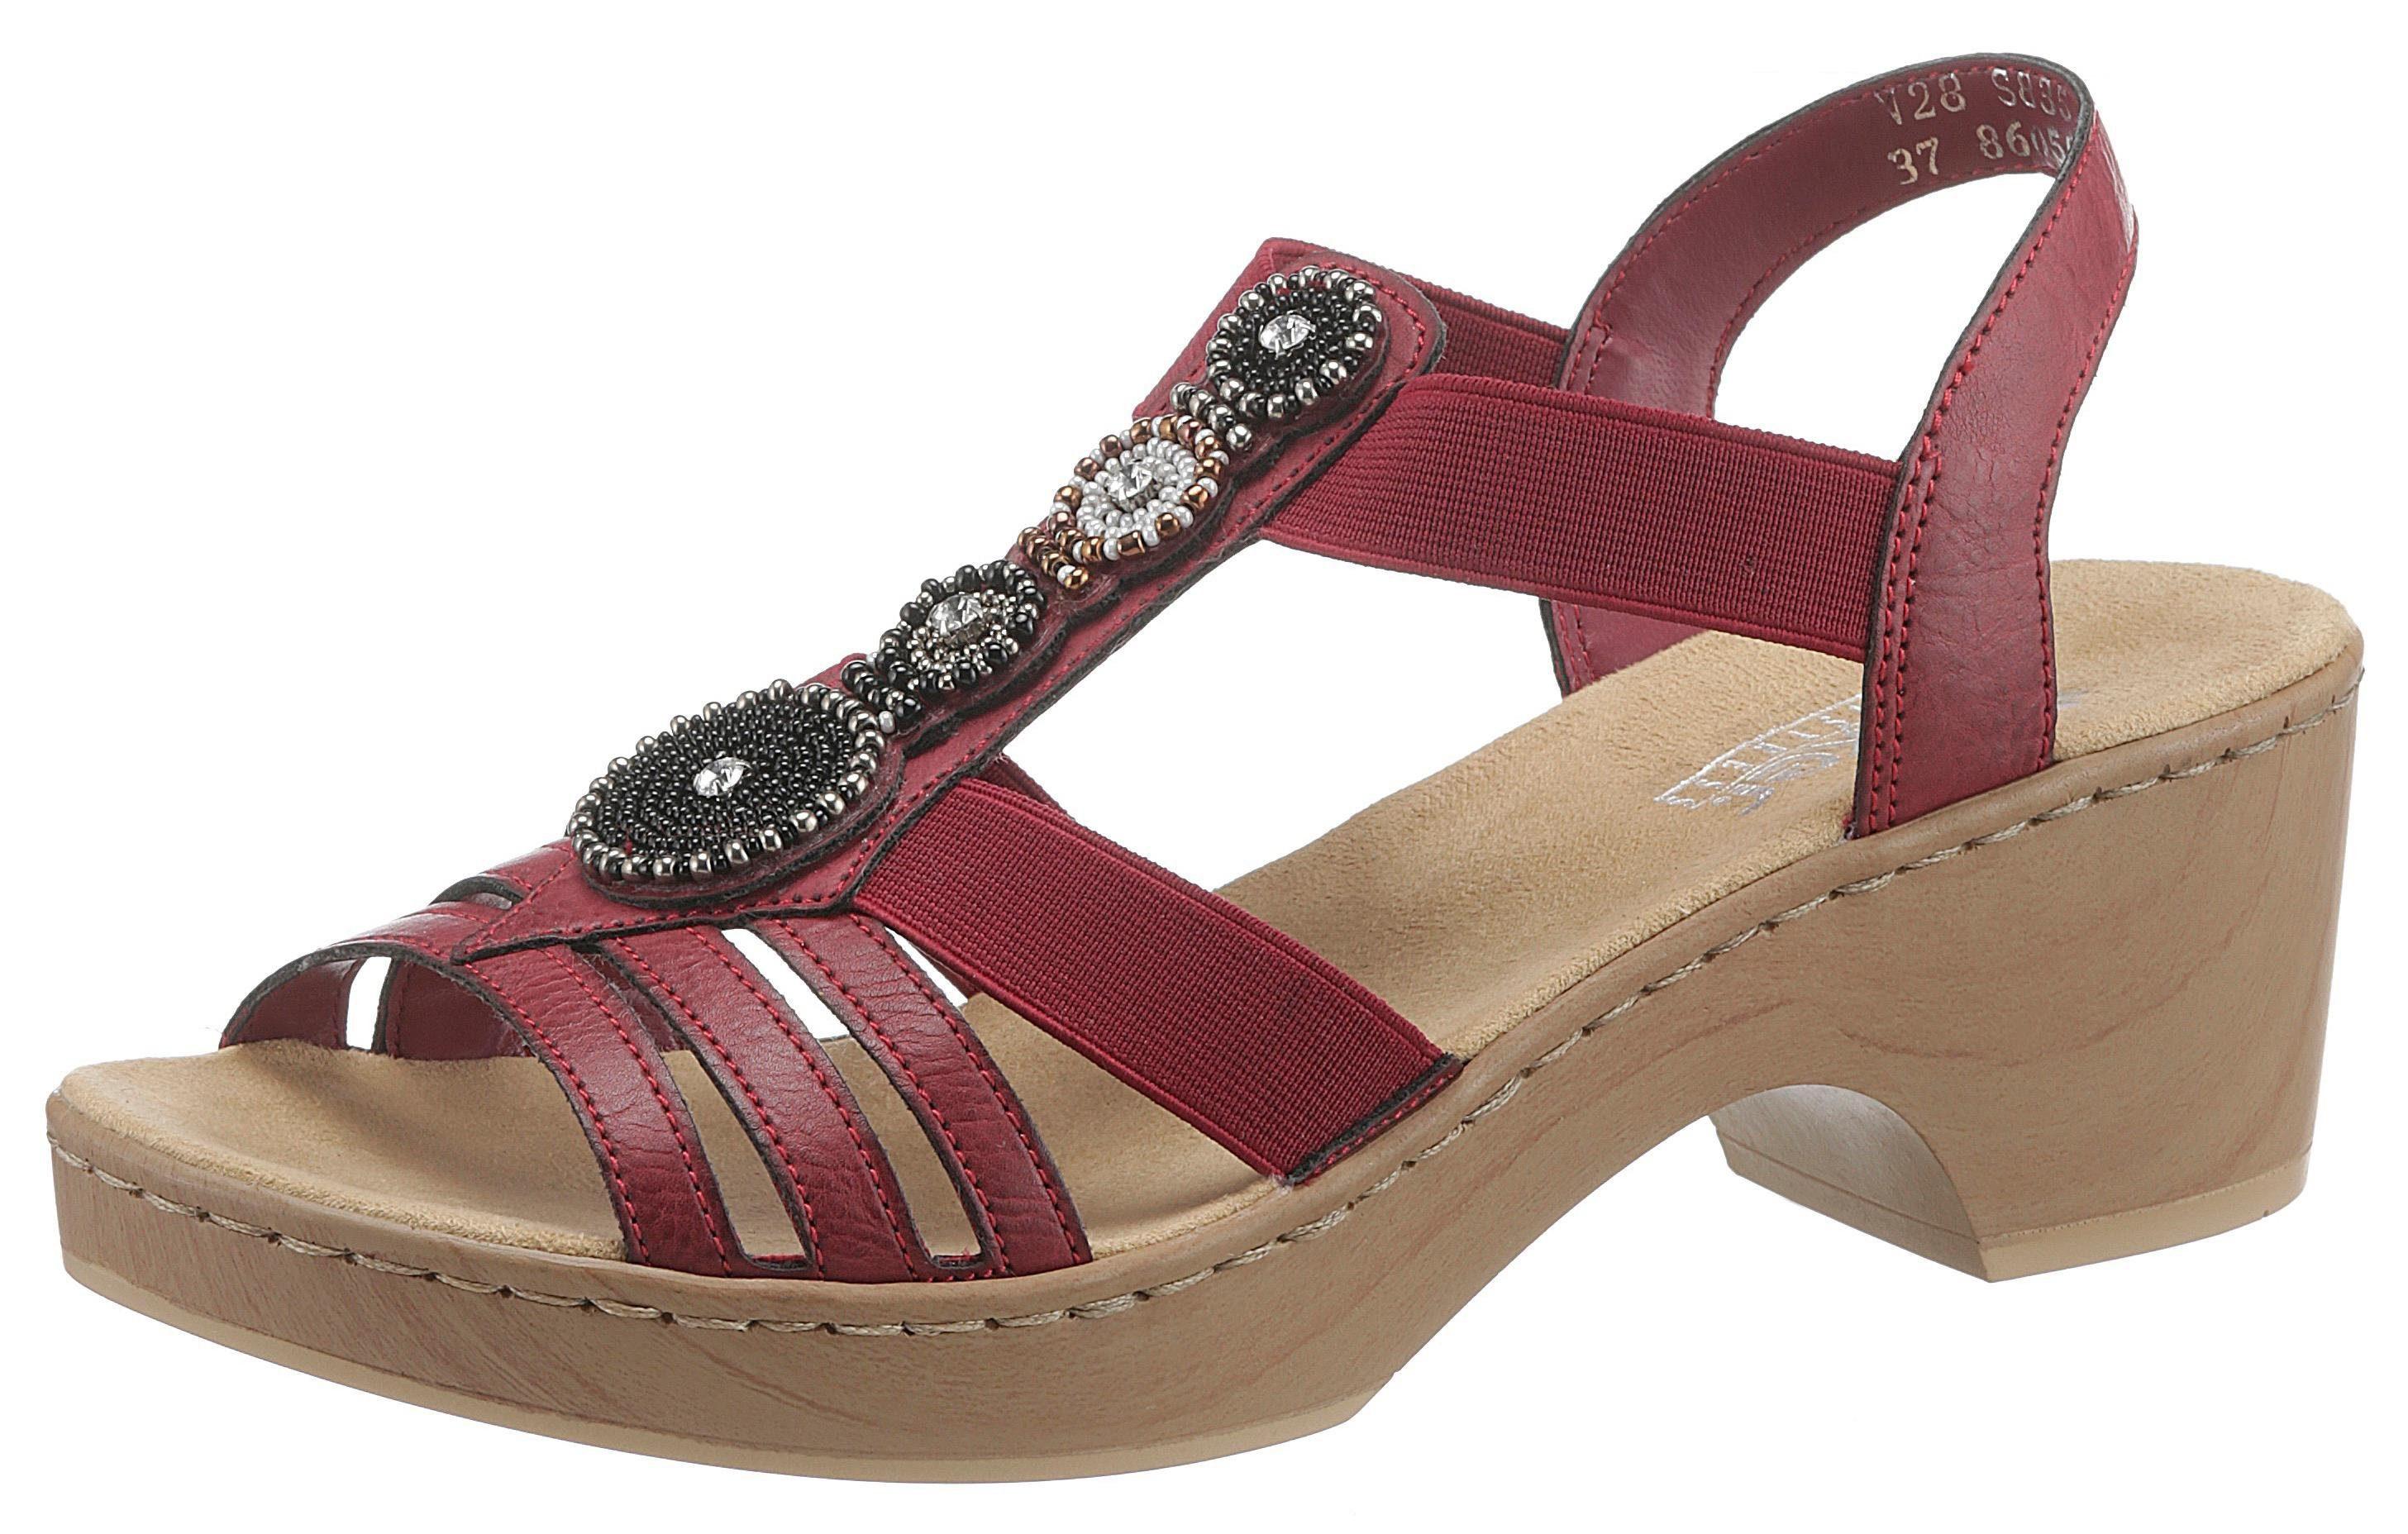 Rieker Sandalette mit Elastikbänder, In eleganter Optik, mit Zierperlen online kaufen | OTTO